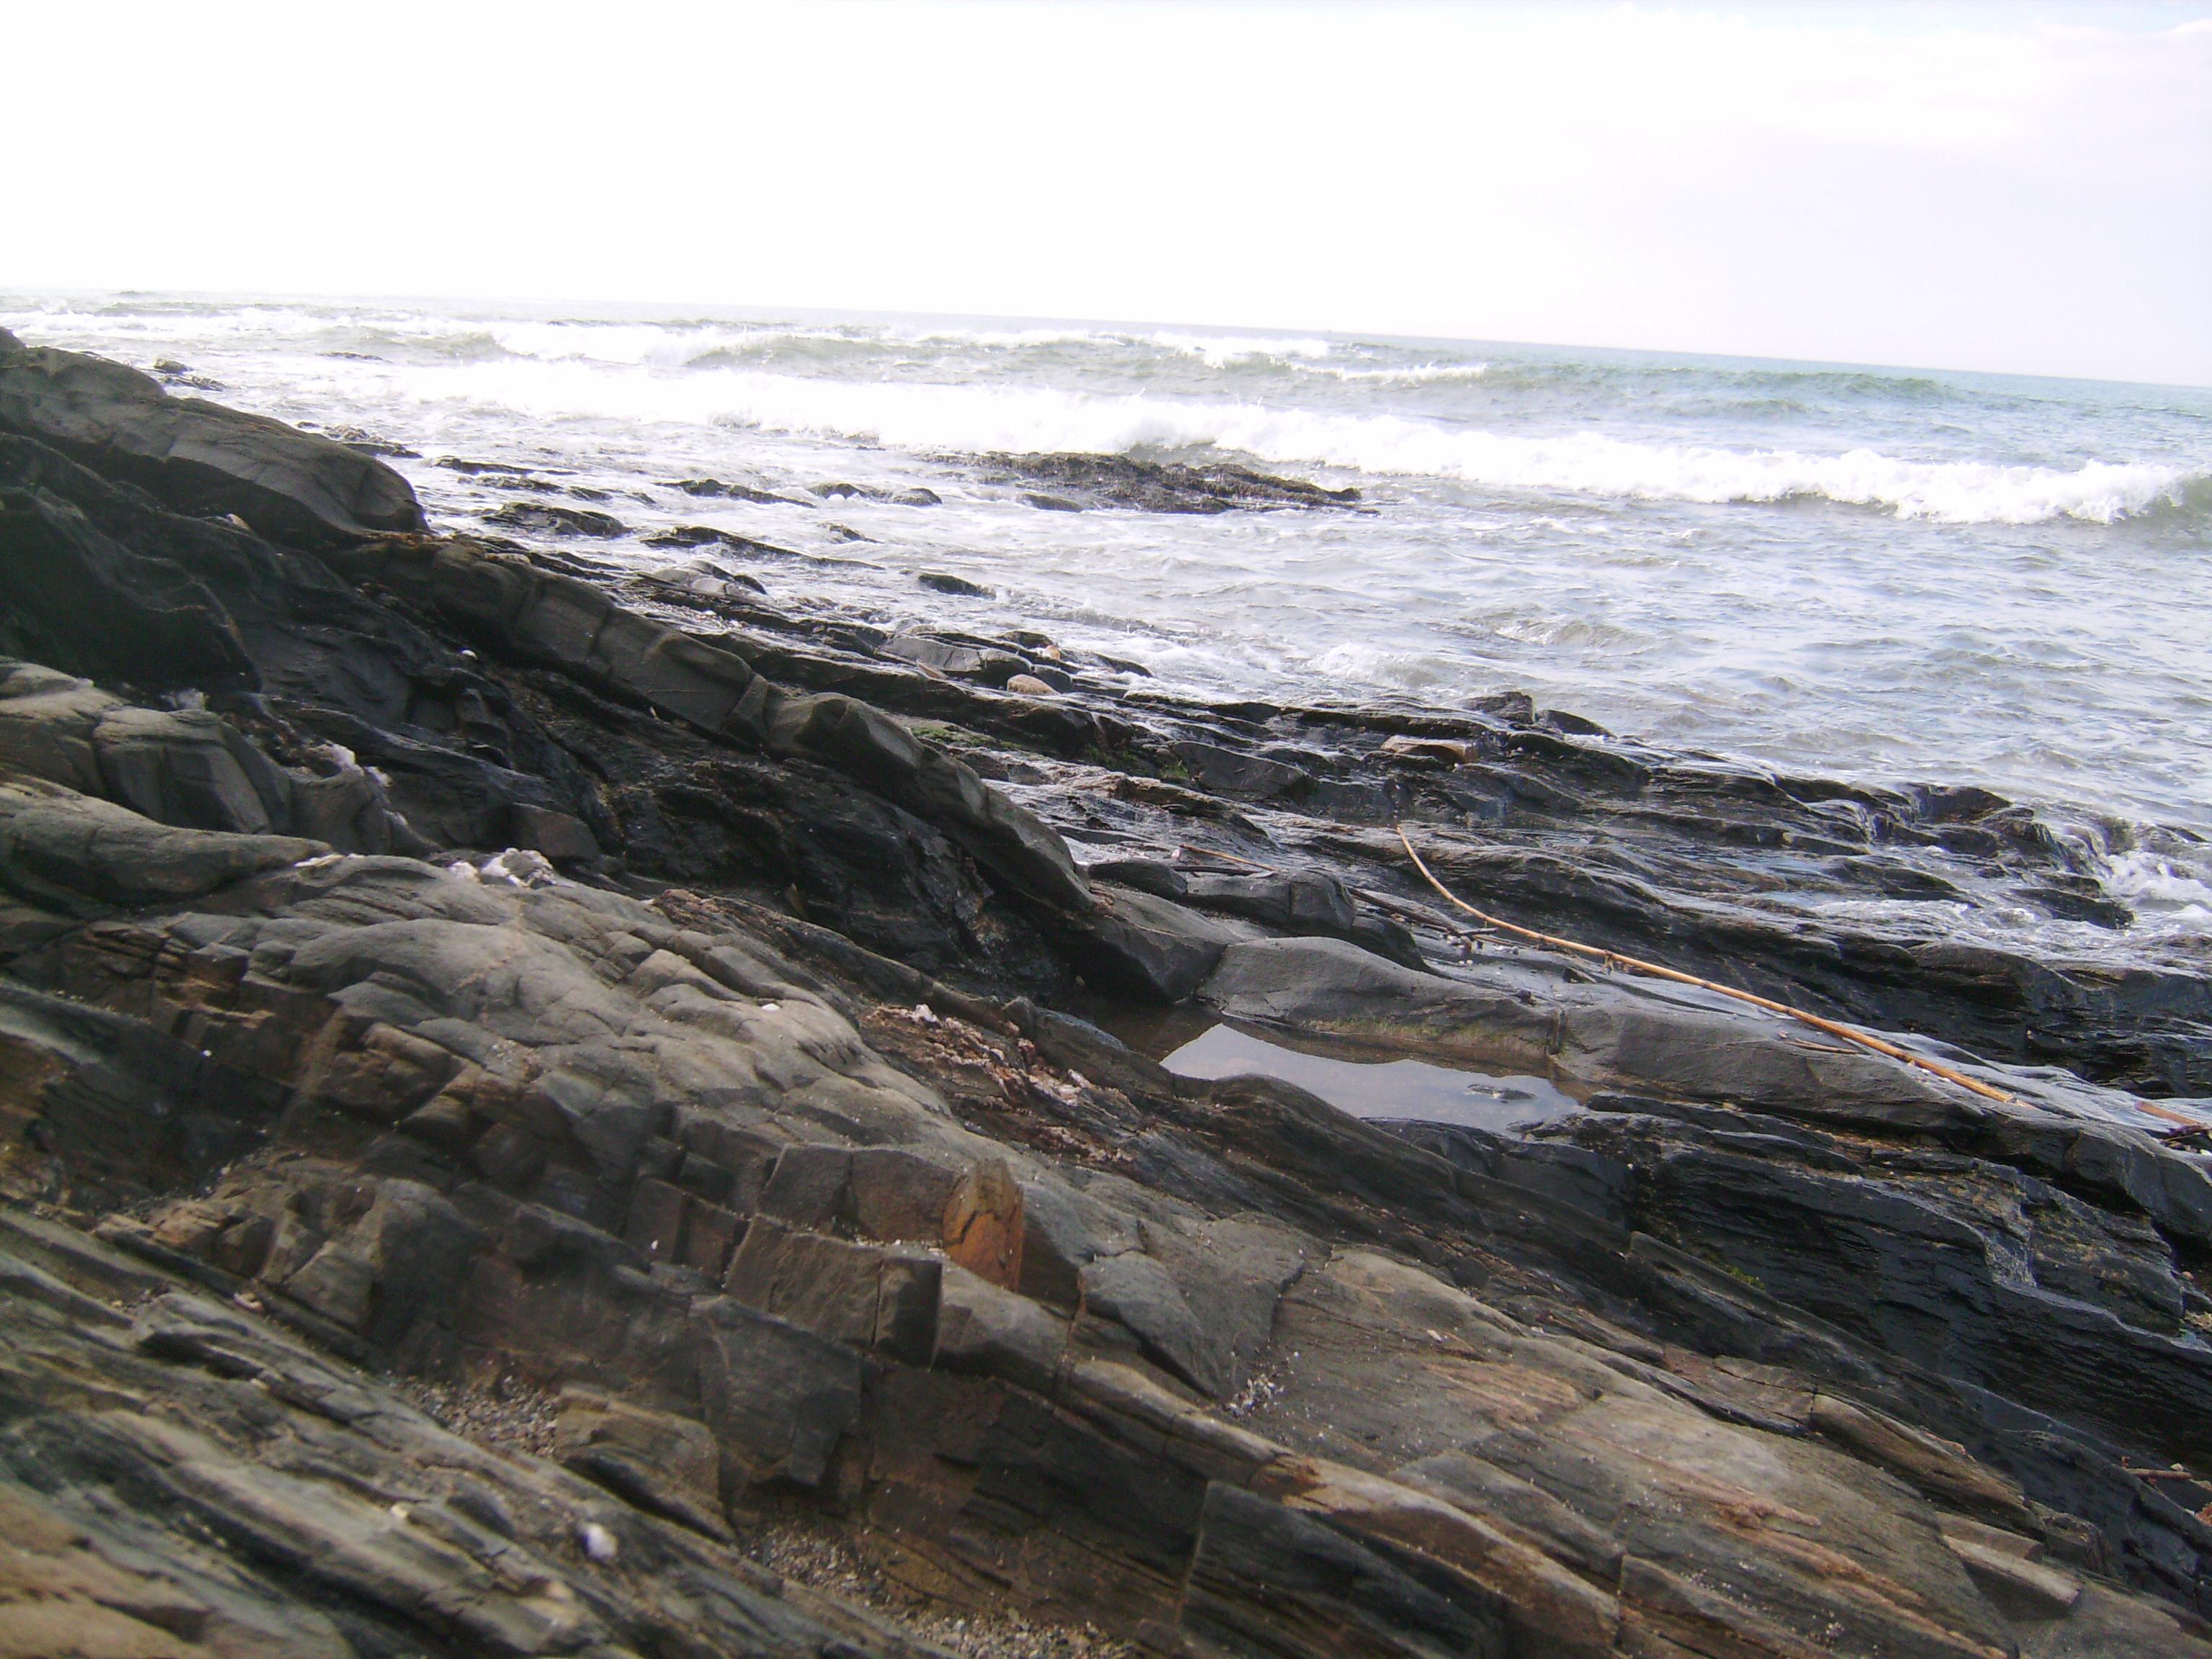 Egy pillanatnyi tenger, rózsaszín kőfodraival,<br />a zsongó Hallgatás, a végtelenség néma ajka,<br />mielőtt visszaolvad elemébe. <br />